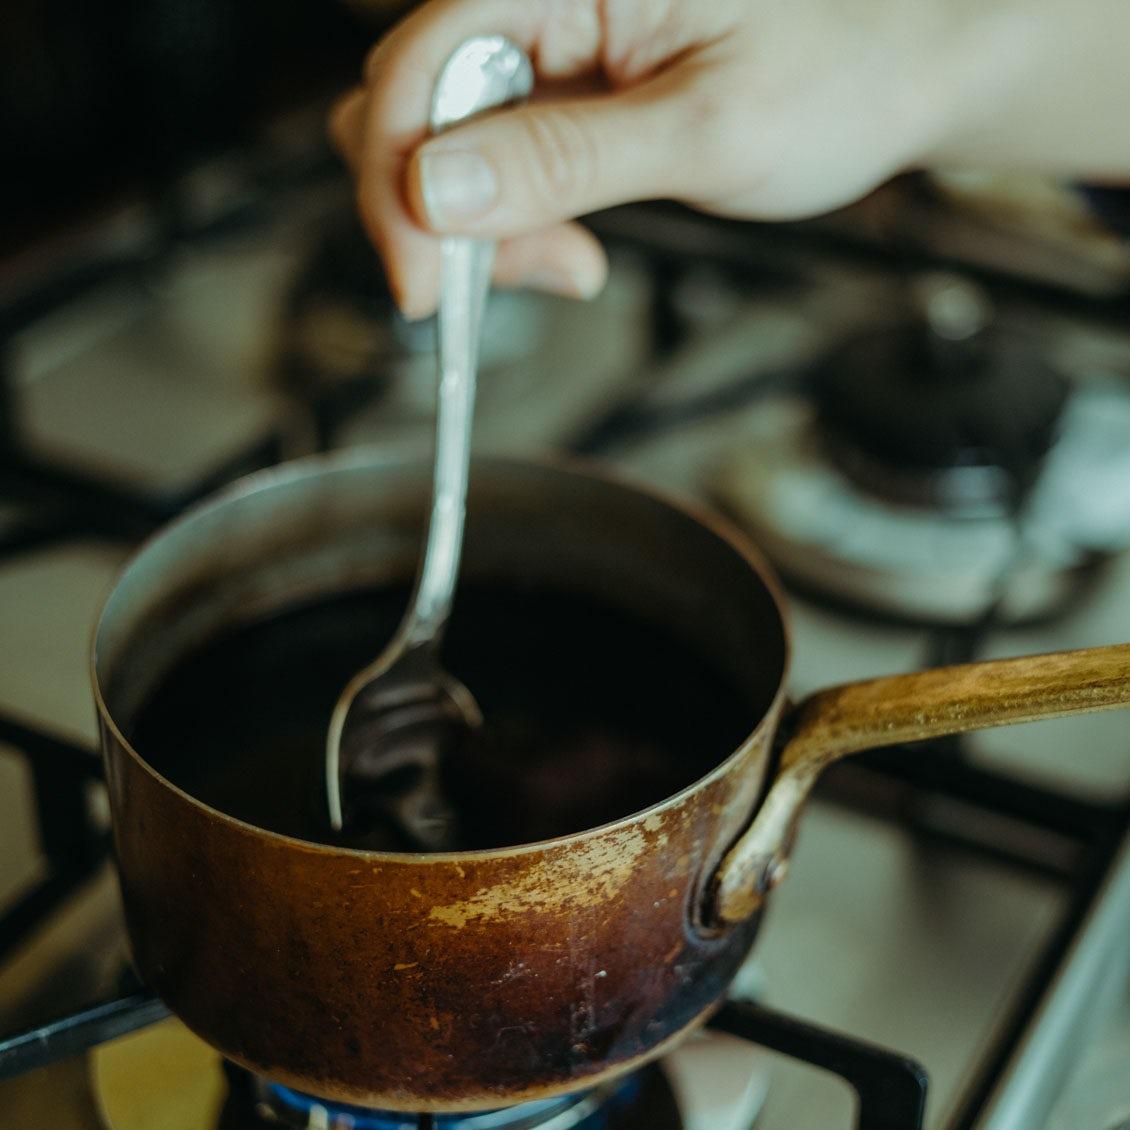 【冬のコンディション術】後編:免疫力をあげる!おいしい「エルダーベリーのシロップ」の簡単な作り方